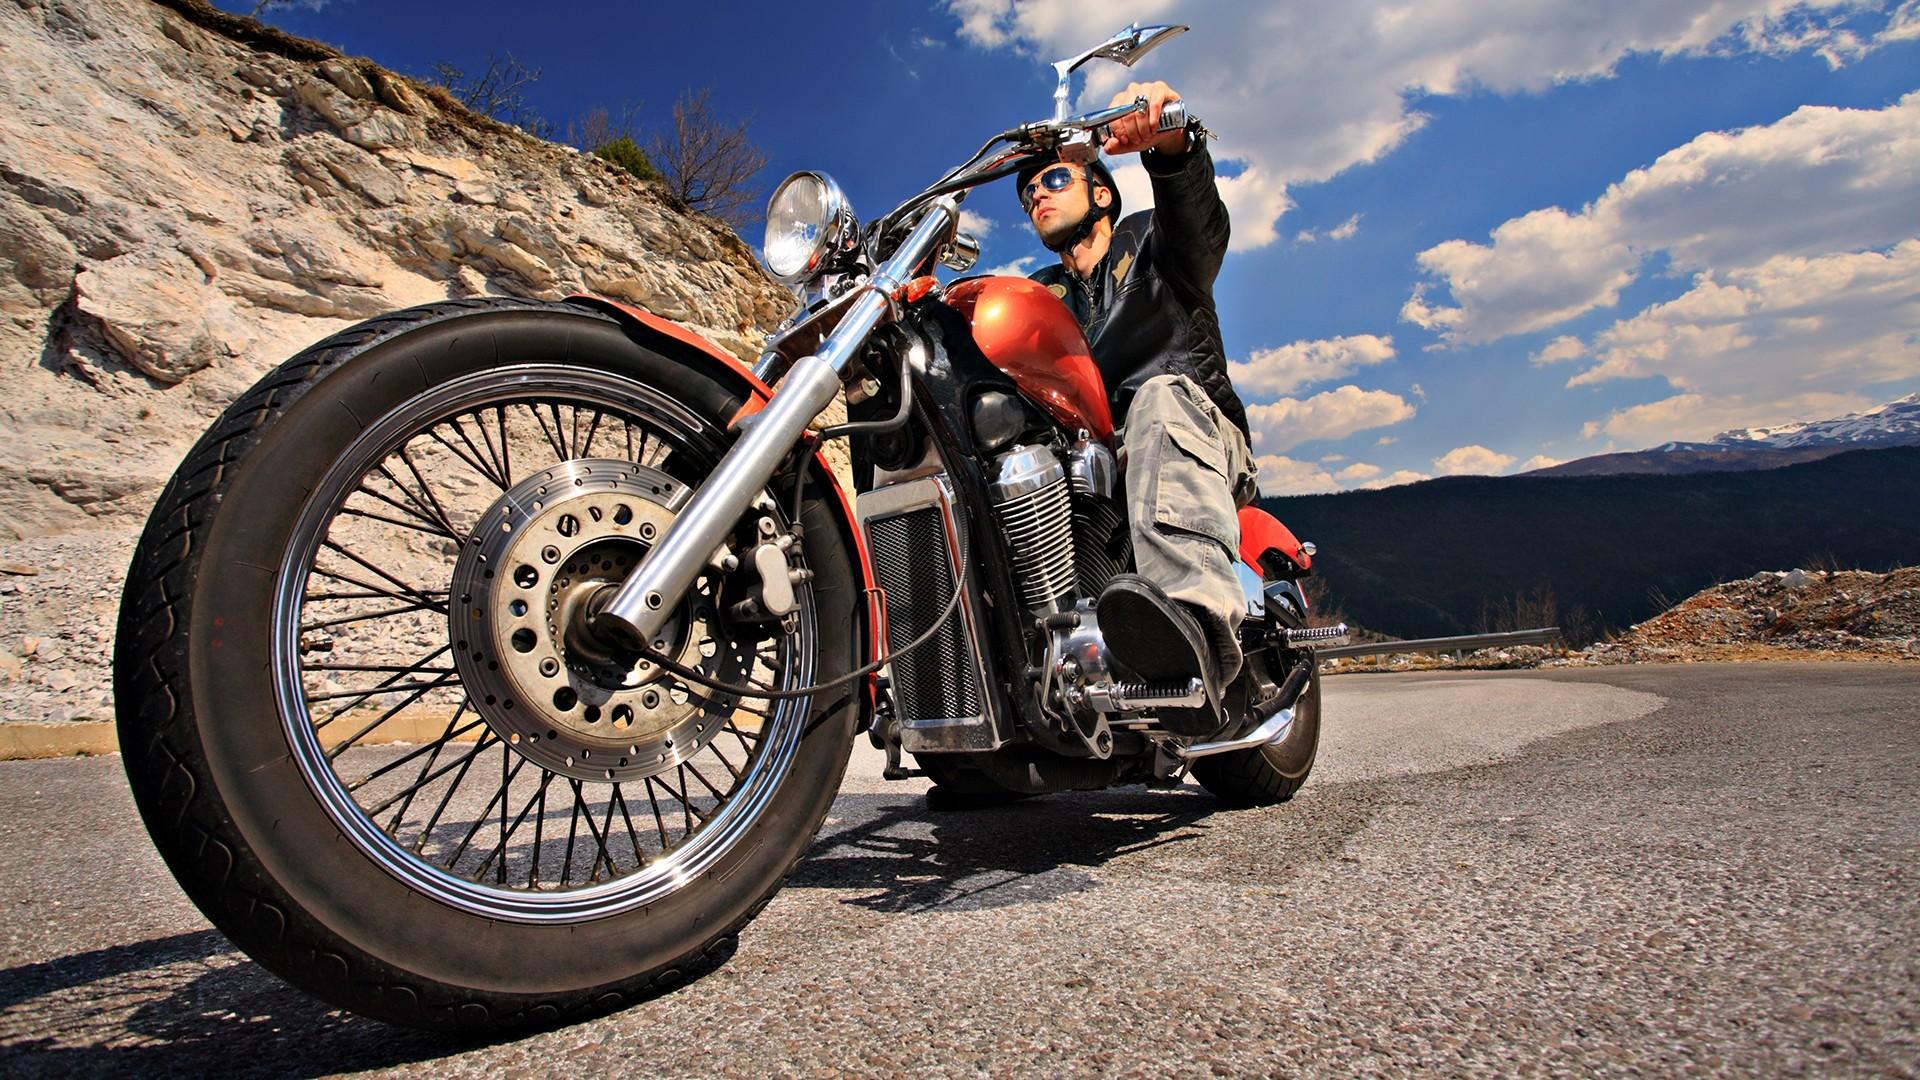 Картинки байкерские мотоциклы